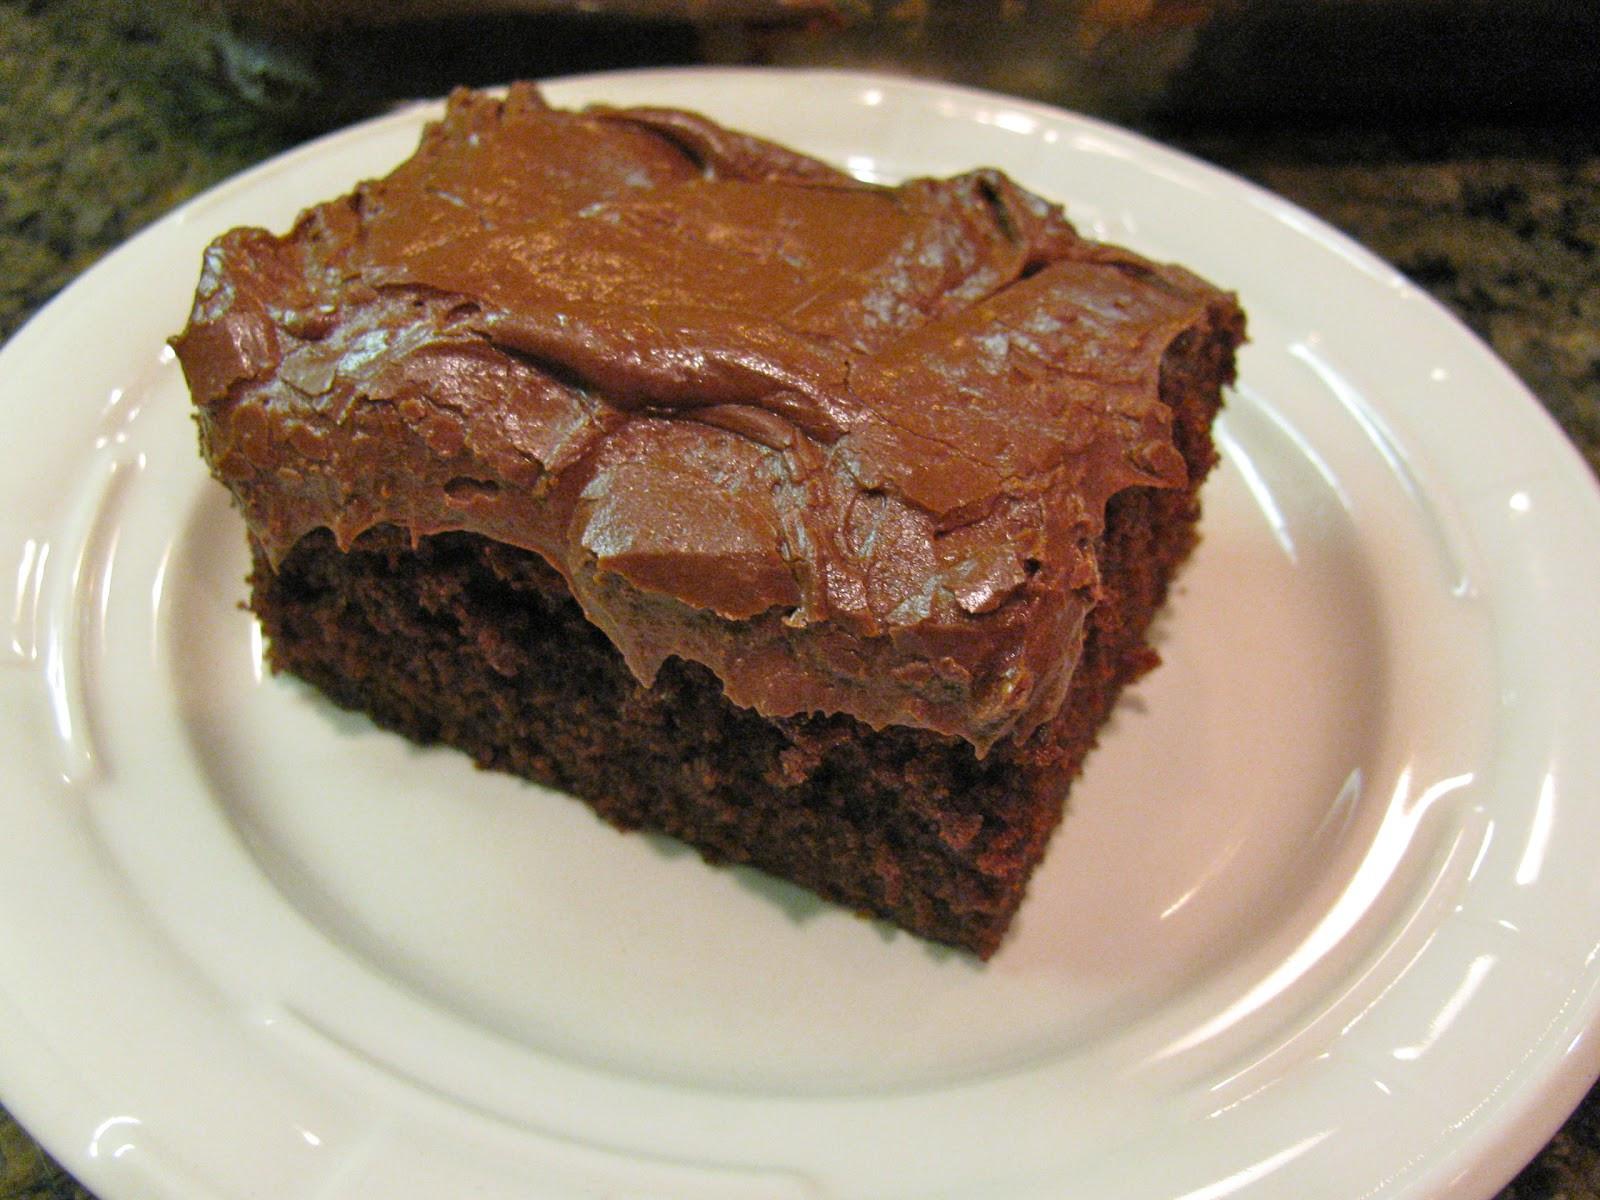 Hershey'S Perfectly Chocolate Cake  Rita s Recipes Perfectly Chocolate Cake